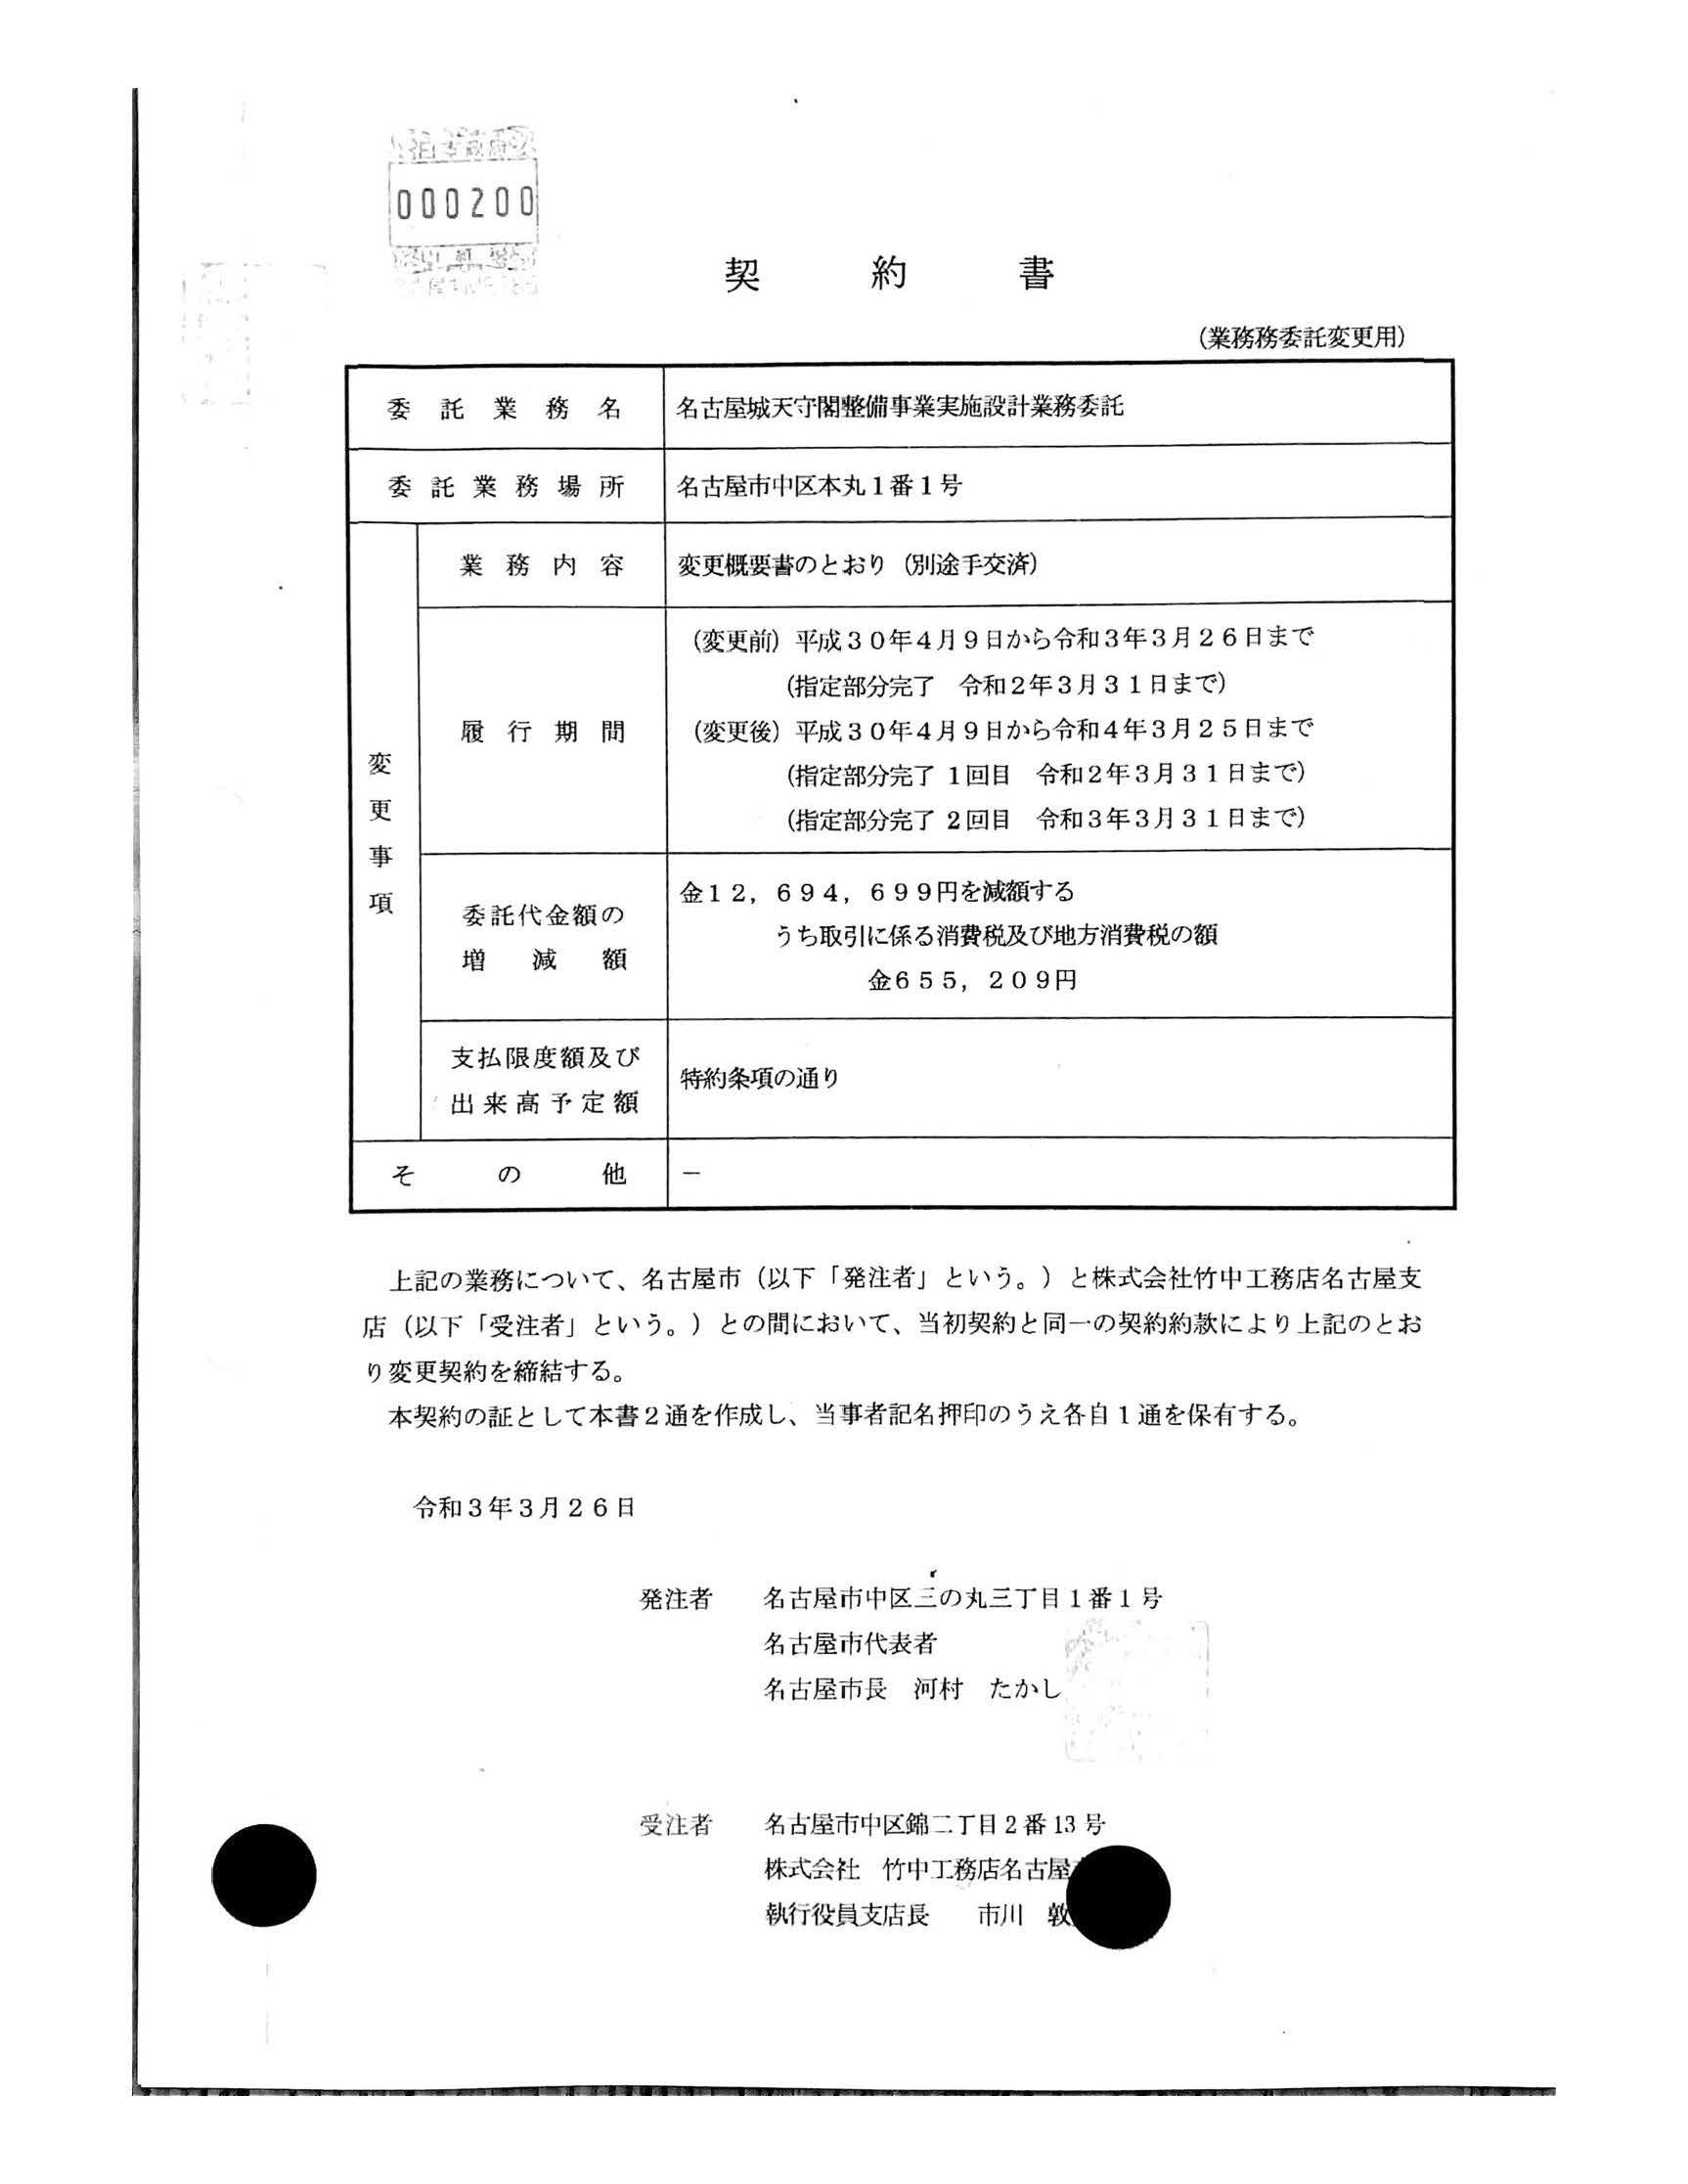 名古屋城天守閣整備事業実施設計業務委託 2022/3/25まで再延長_d0011701_16452313.jpg